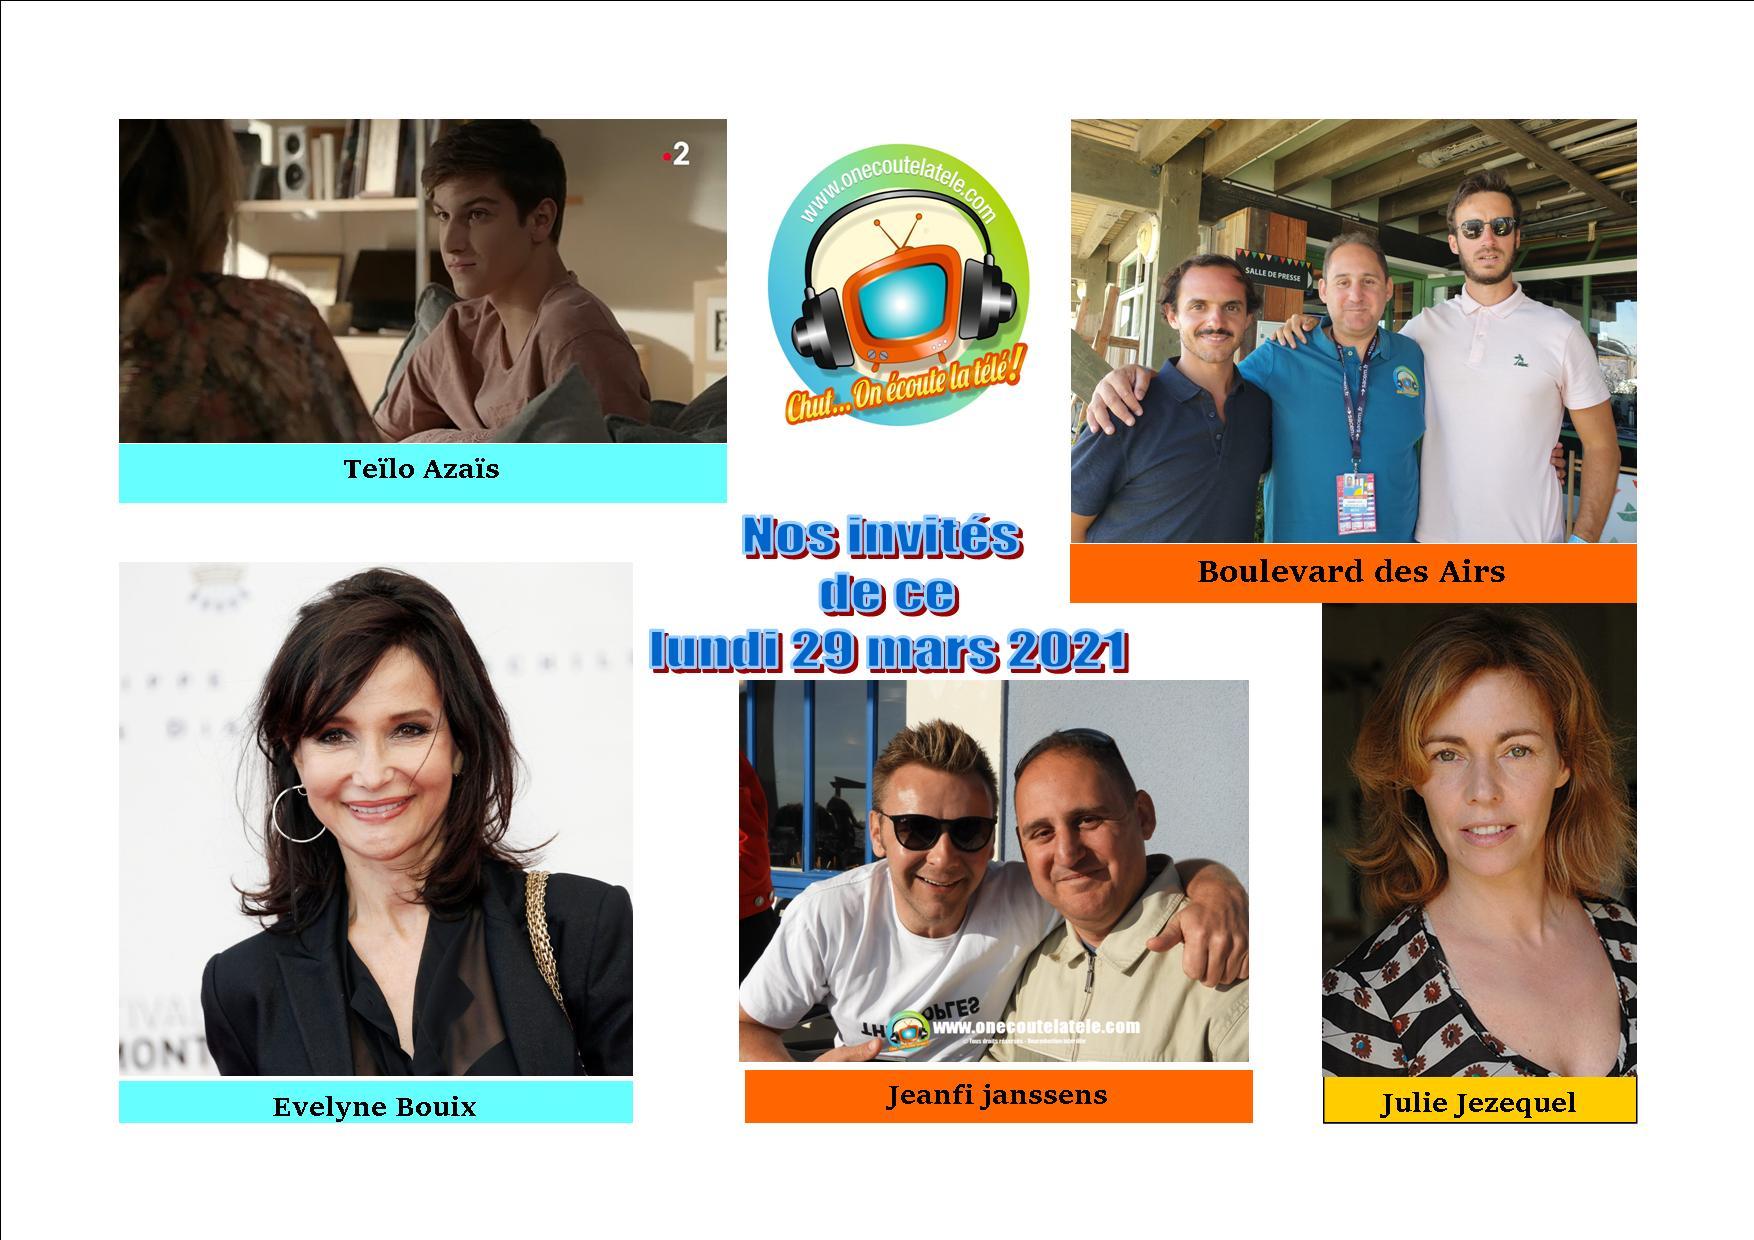 Voici nos émissions de ce lundi 29 mars en réécoute avec Boulevard des airs, Julie Jezequel, Teïlo Azaïs, Jeanfi Jeanssens et Evelyne Bouix